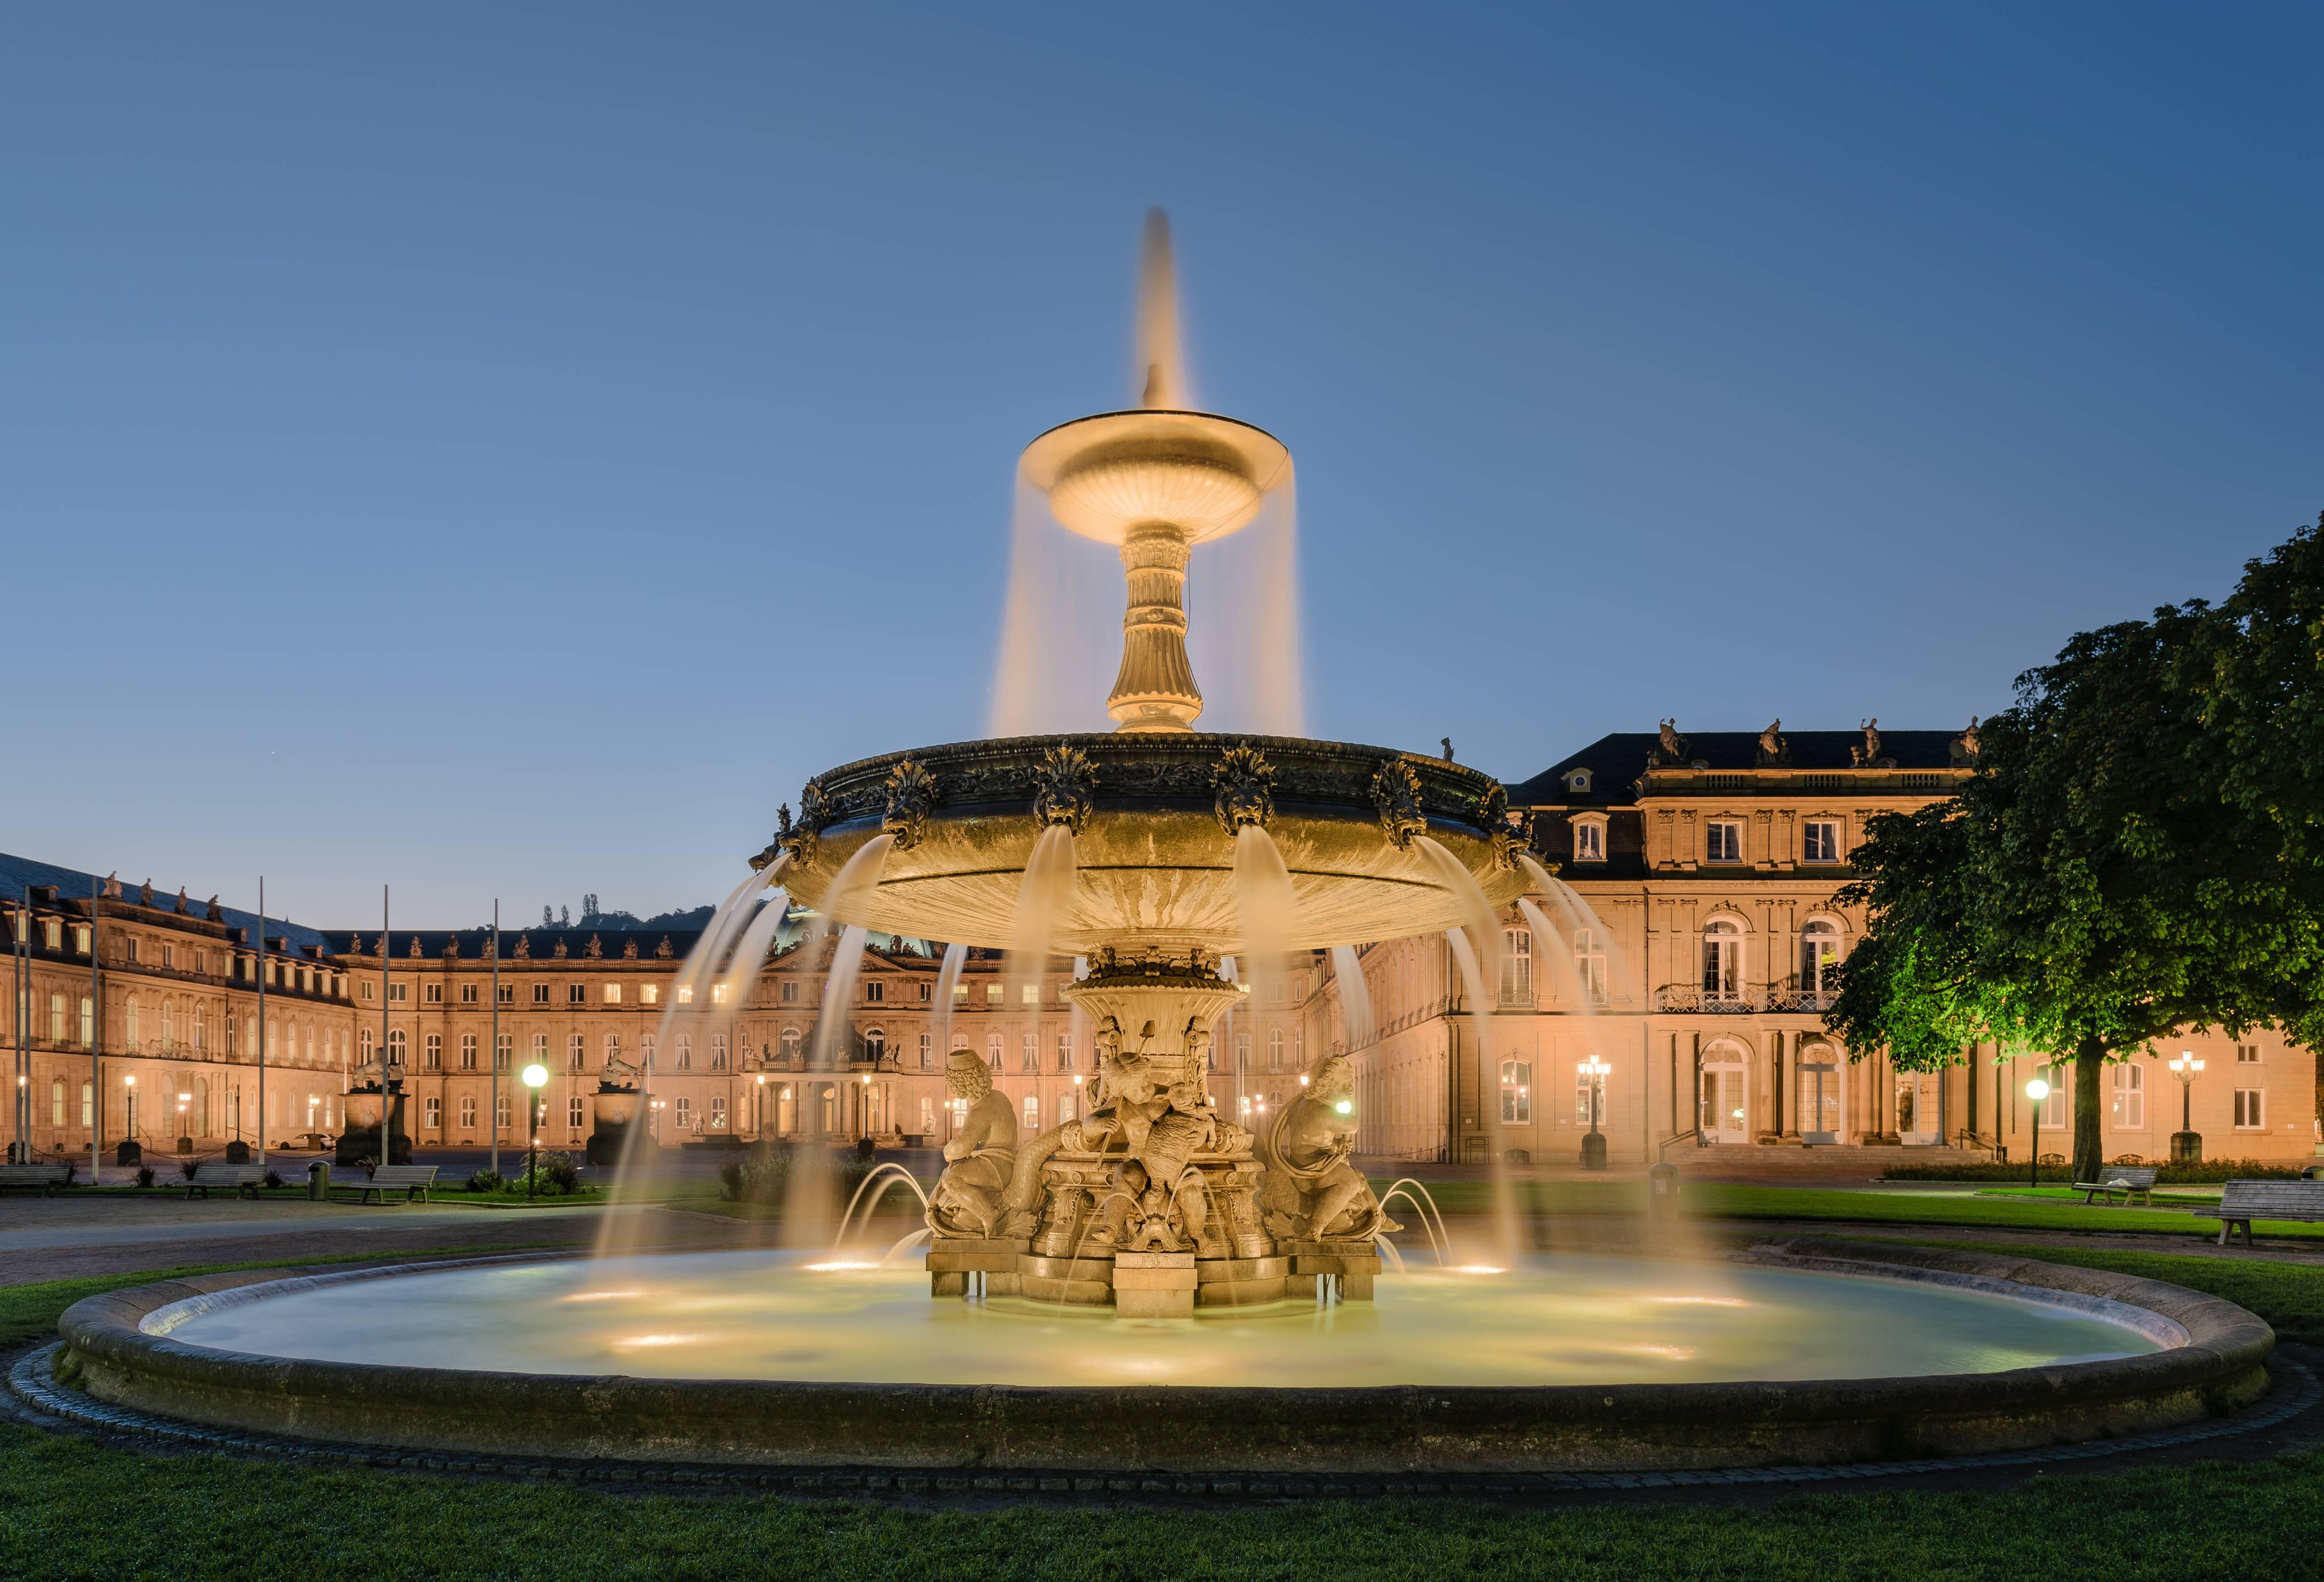 Экскурсия по штутгарту - культурное наследие | что посетить в штутгарте - монументы, музеи, храмы, дворцы и театры